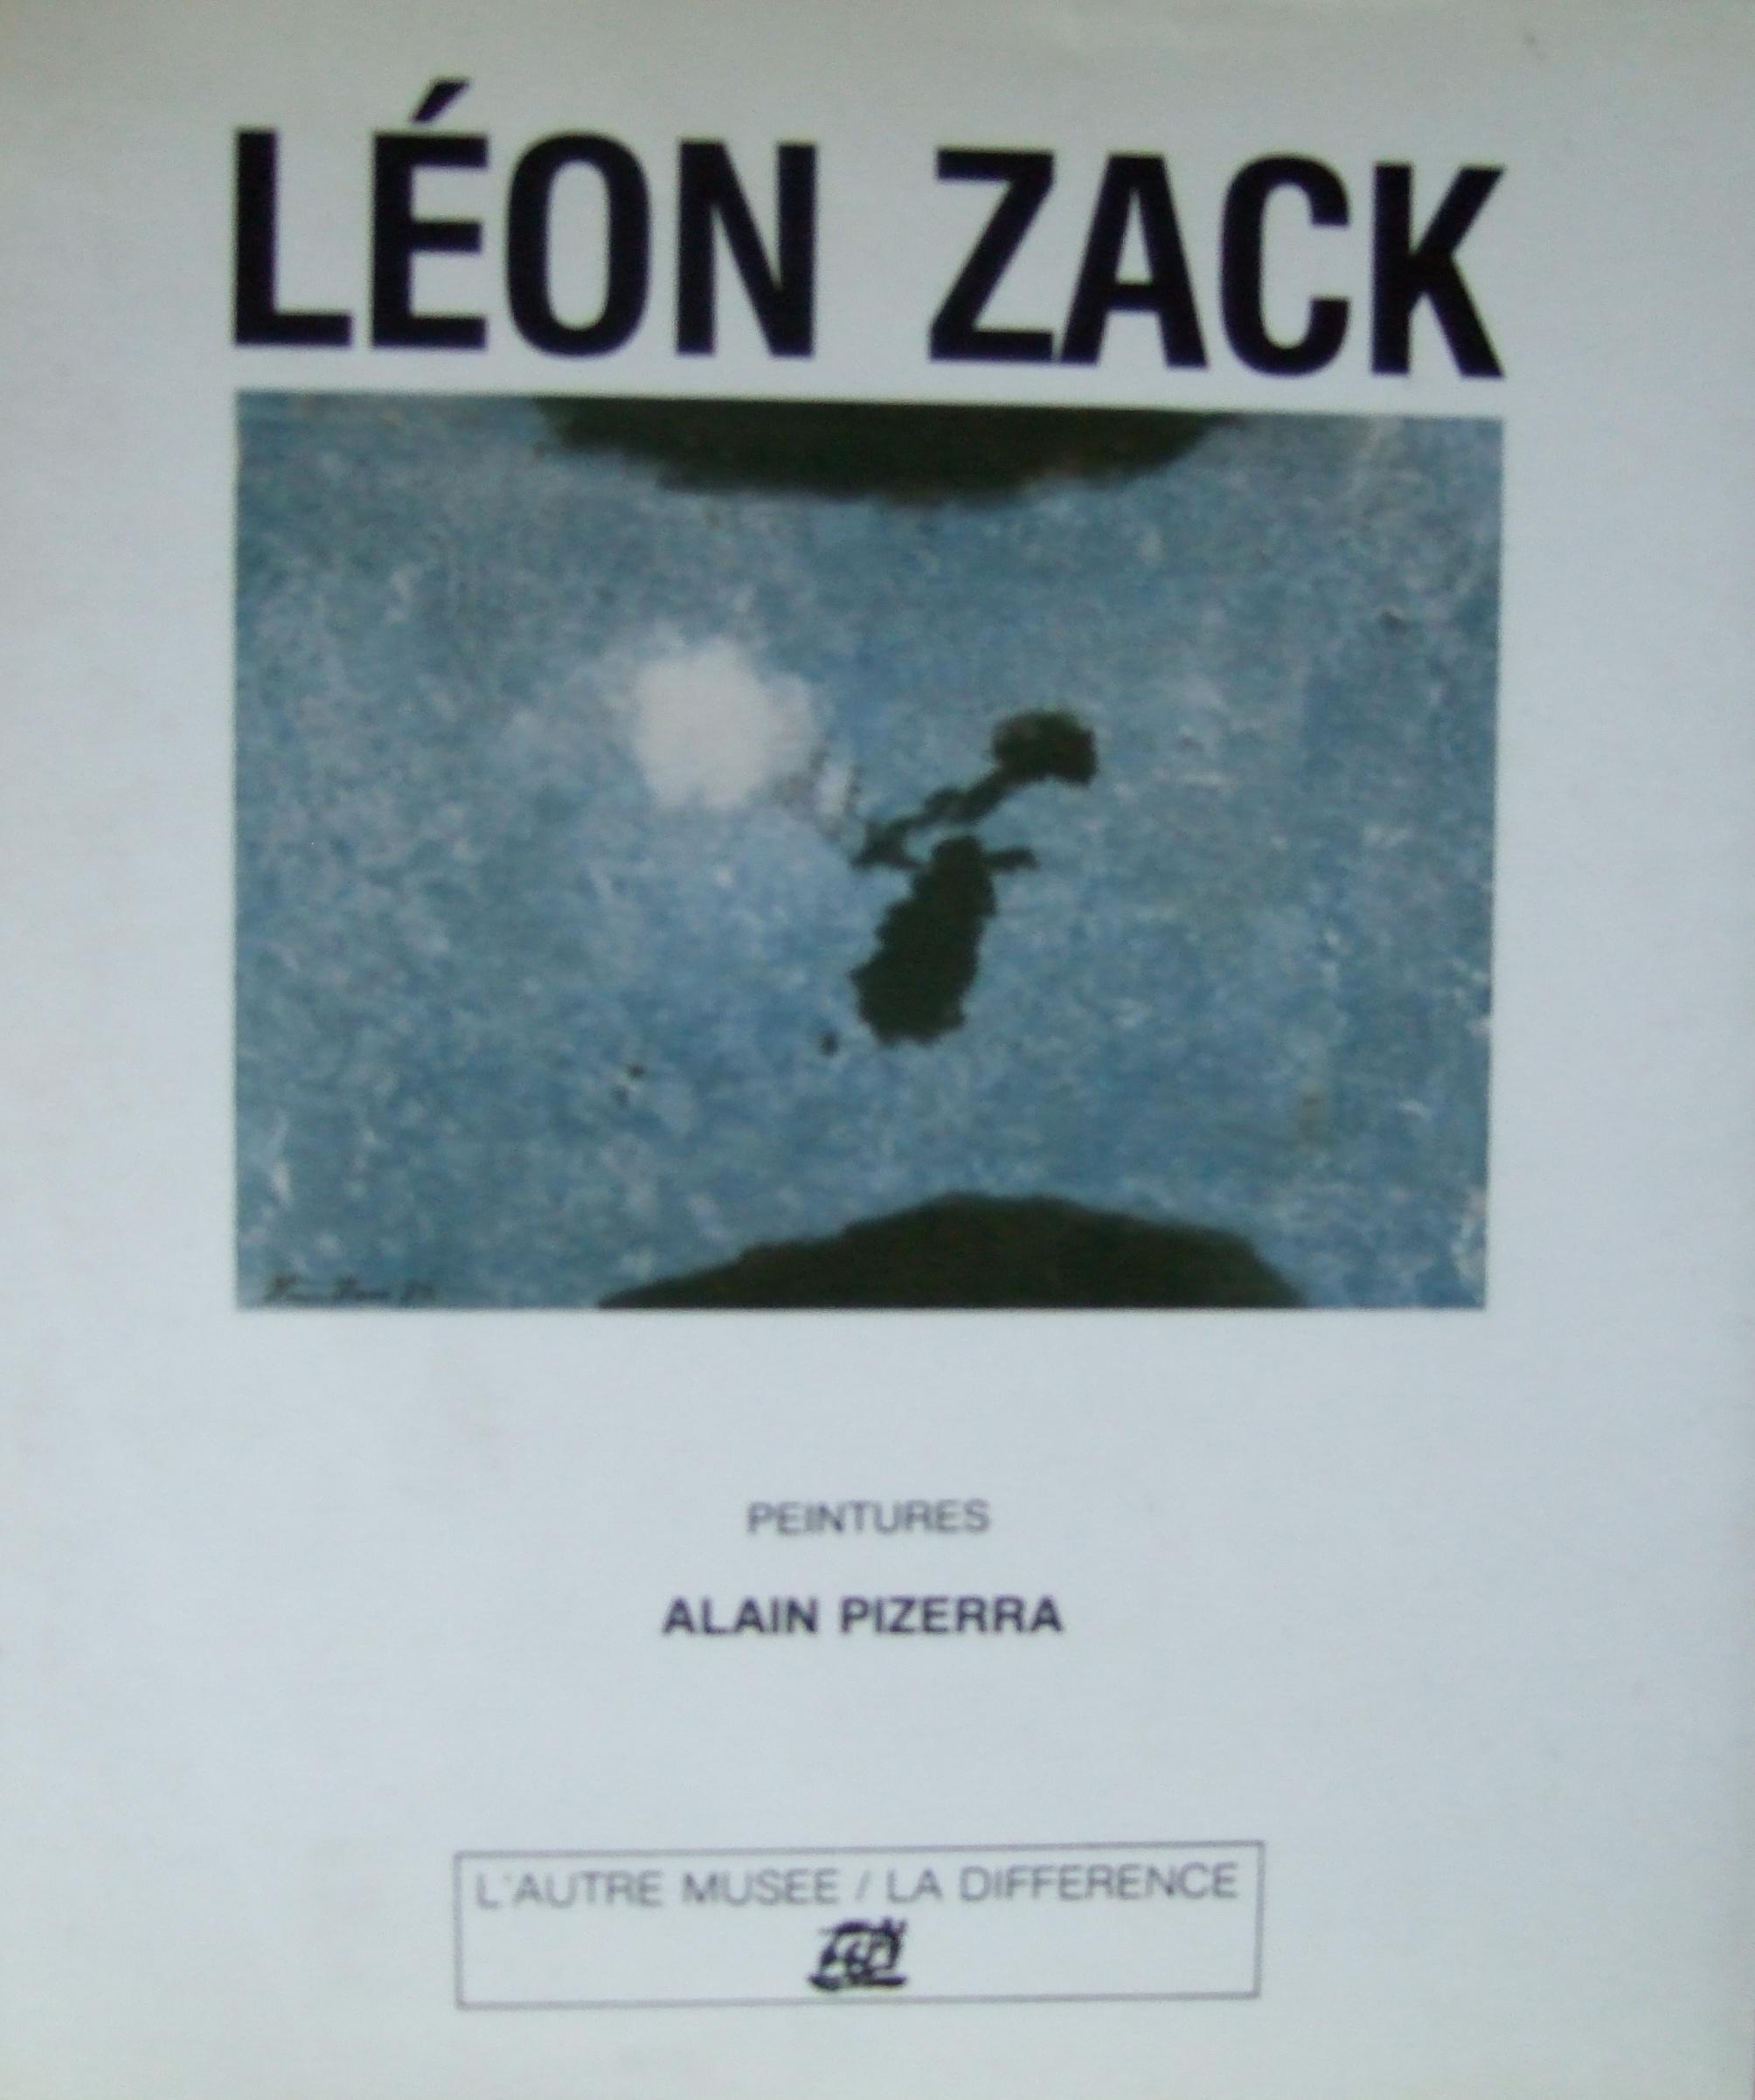 Leon Zack. Catalogue. Lautre Musee / La Difference. 1990.